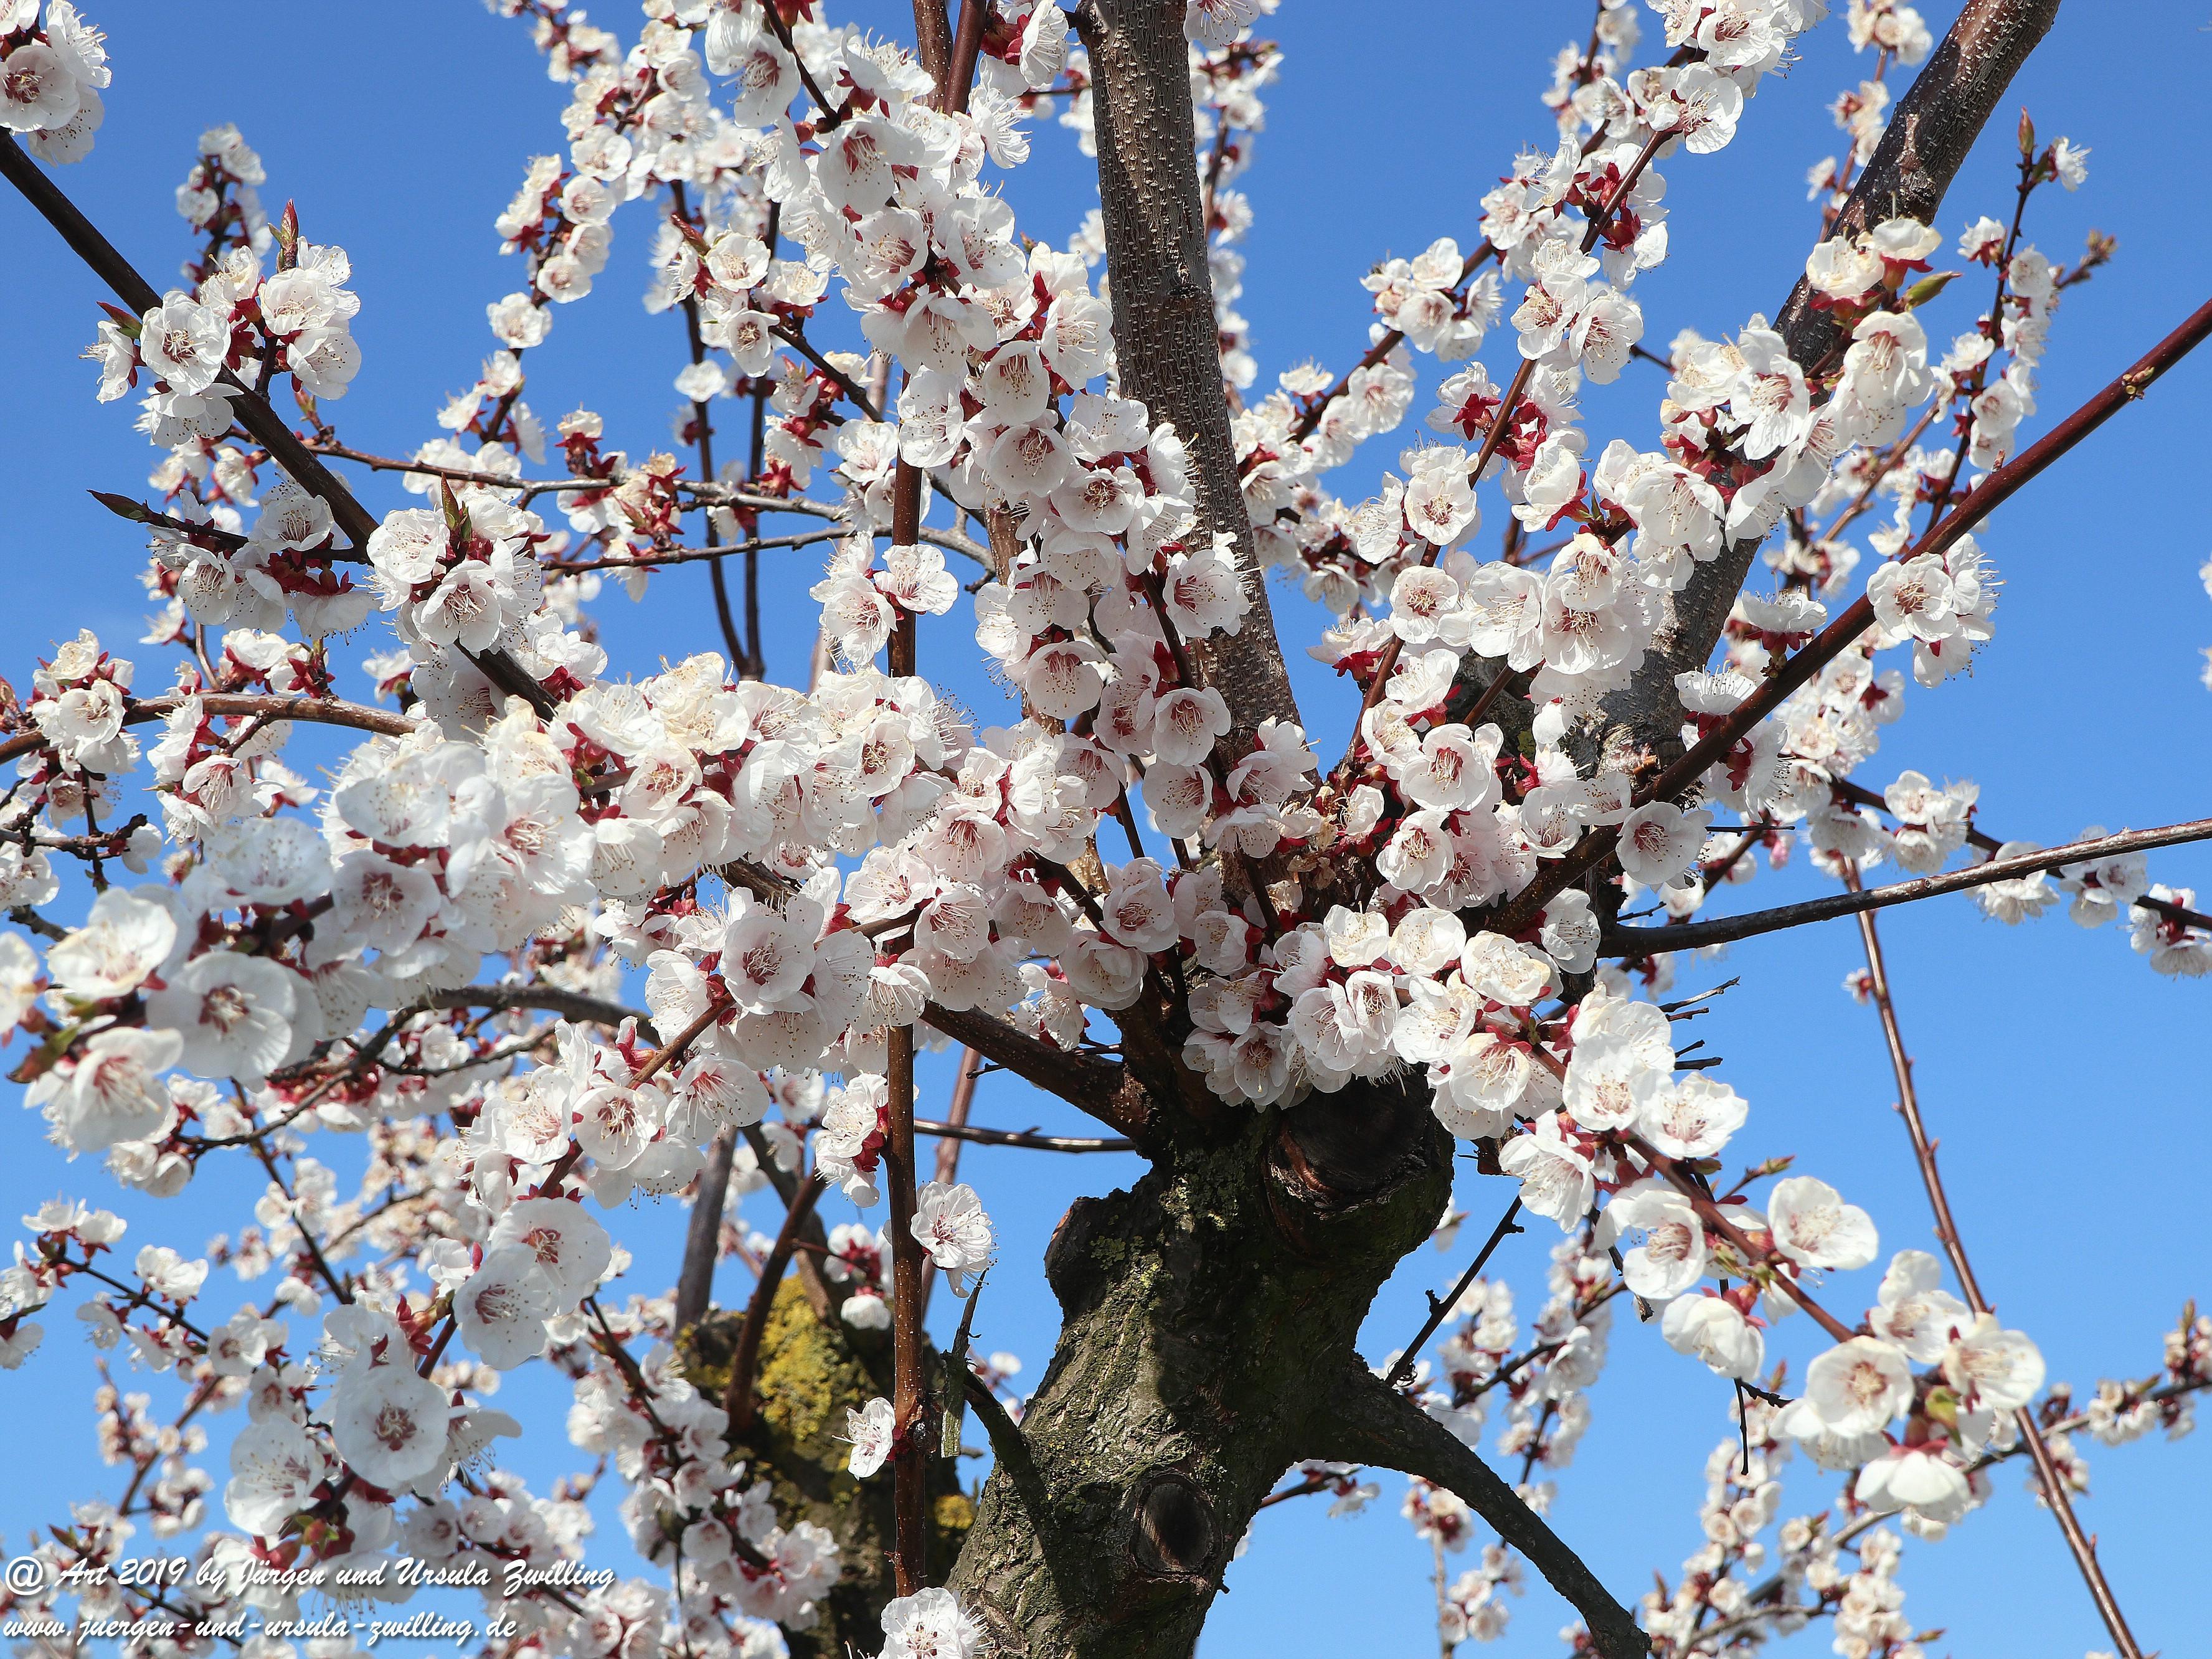 Aprikosenblüten 11